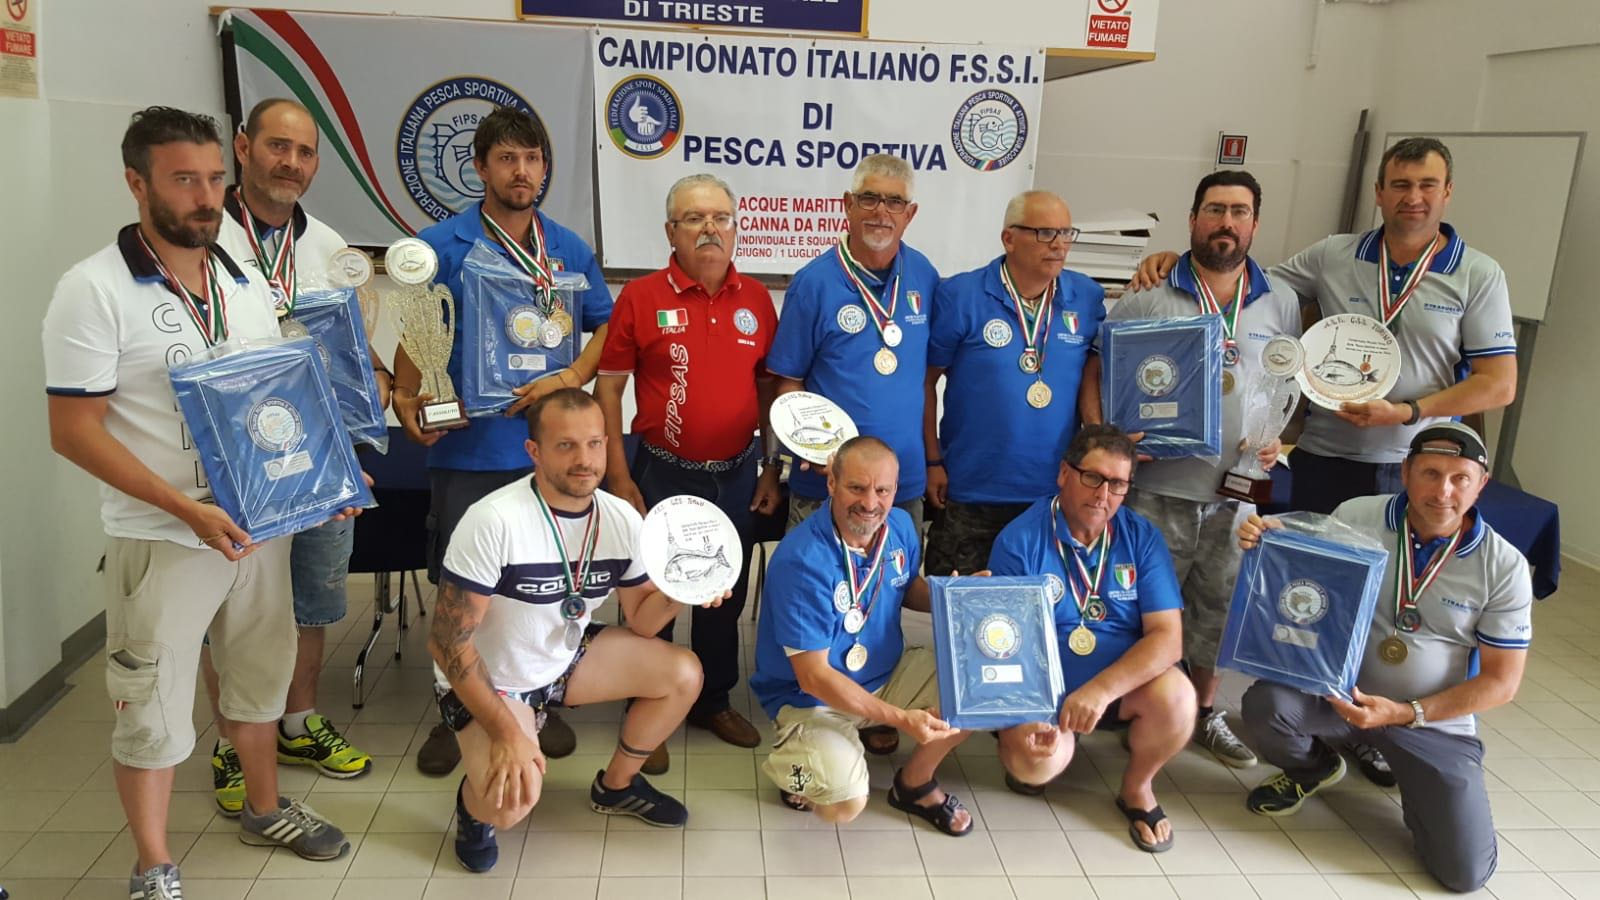 Campionato FSSI di Pesca Sportiva svoltosi il 30 Giugno – 1 Luglio 2018